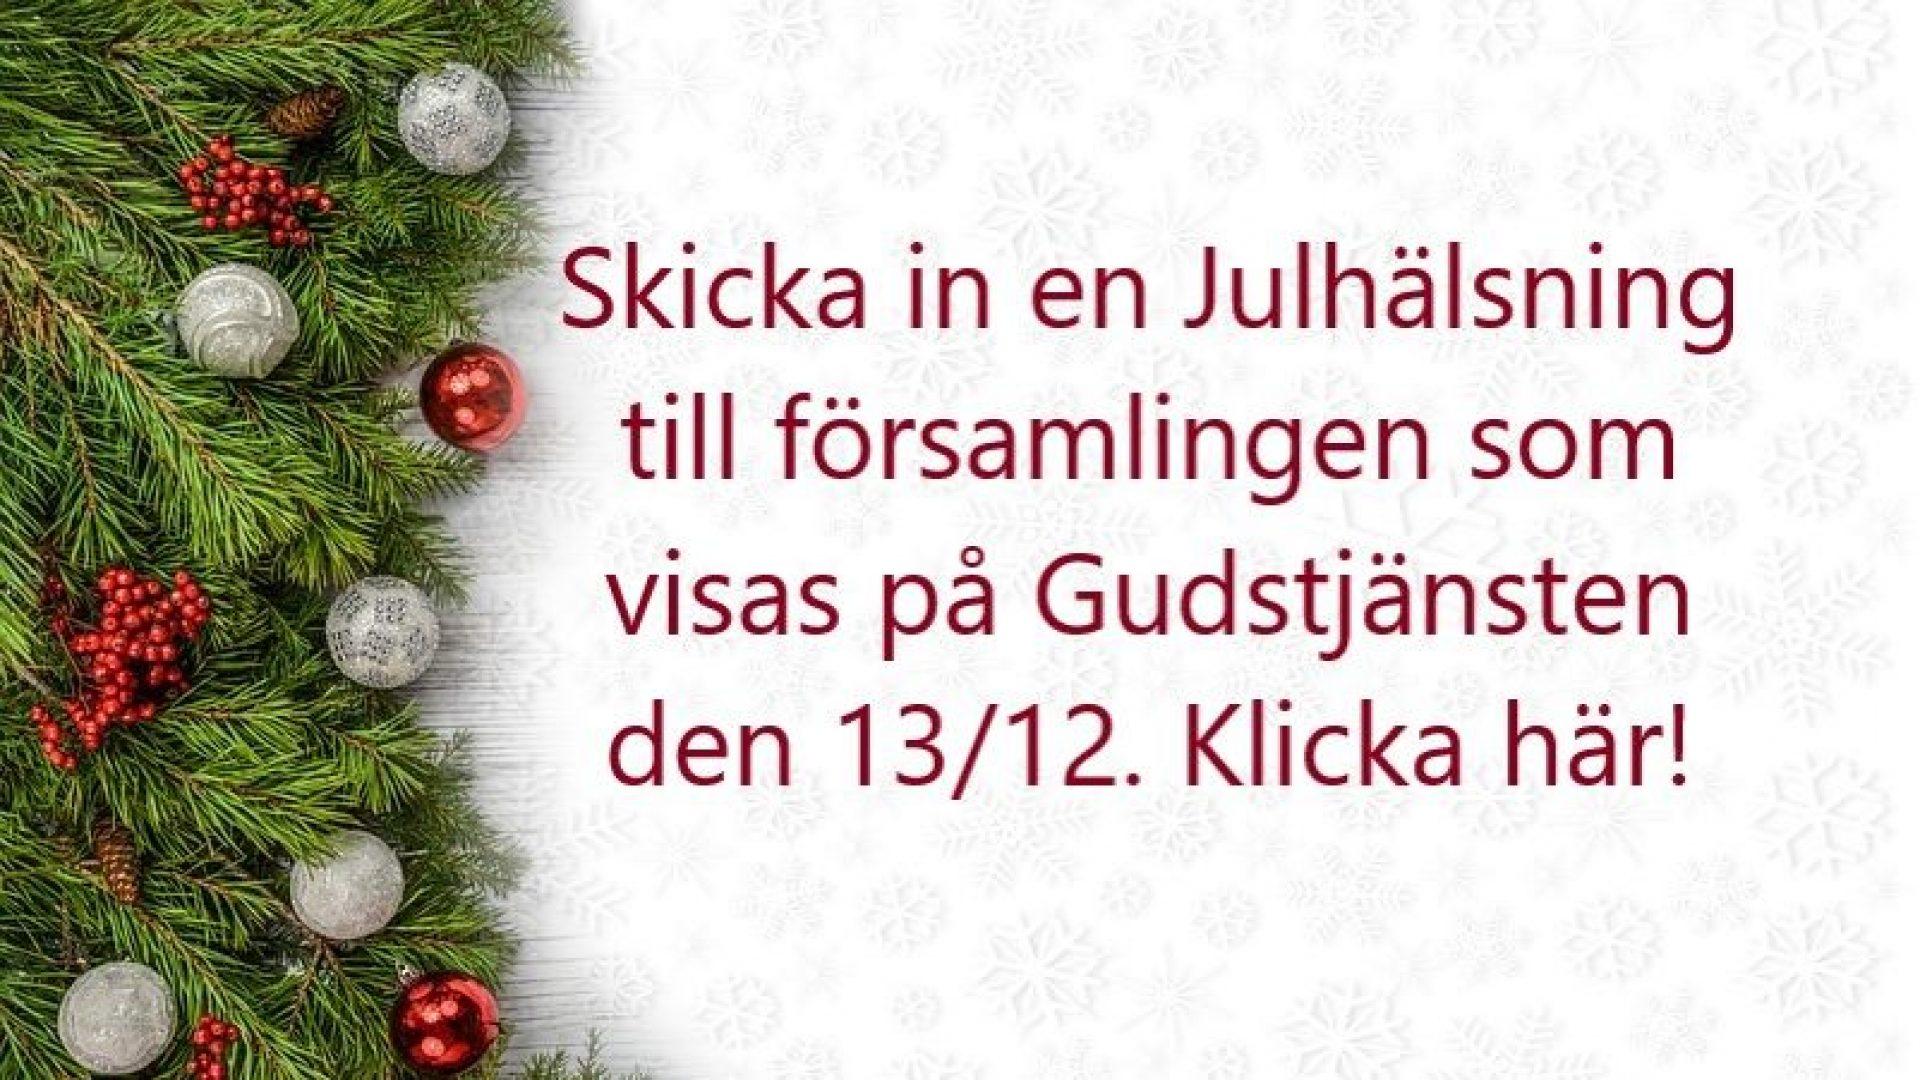 Julhälsning till Församlingen!